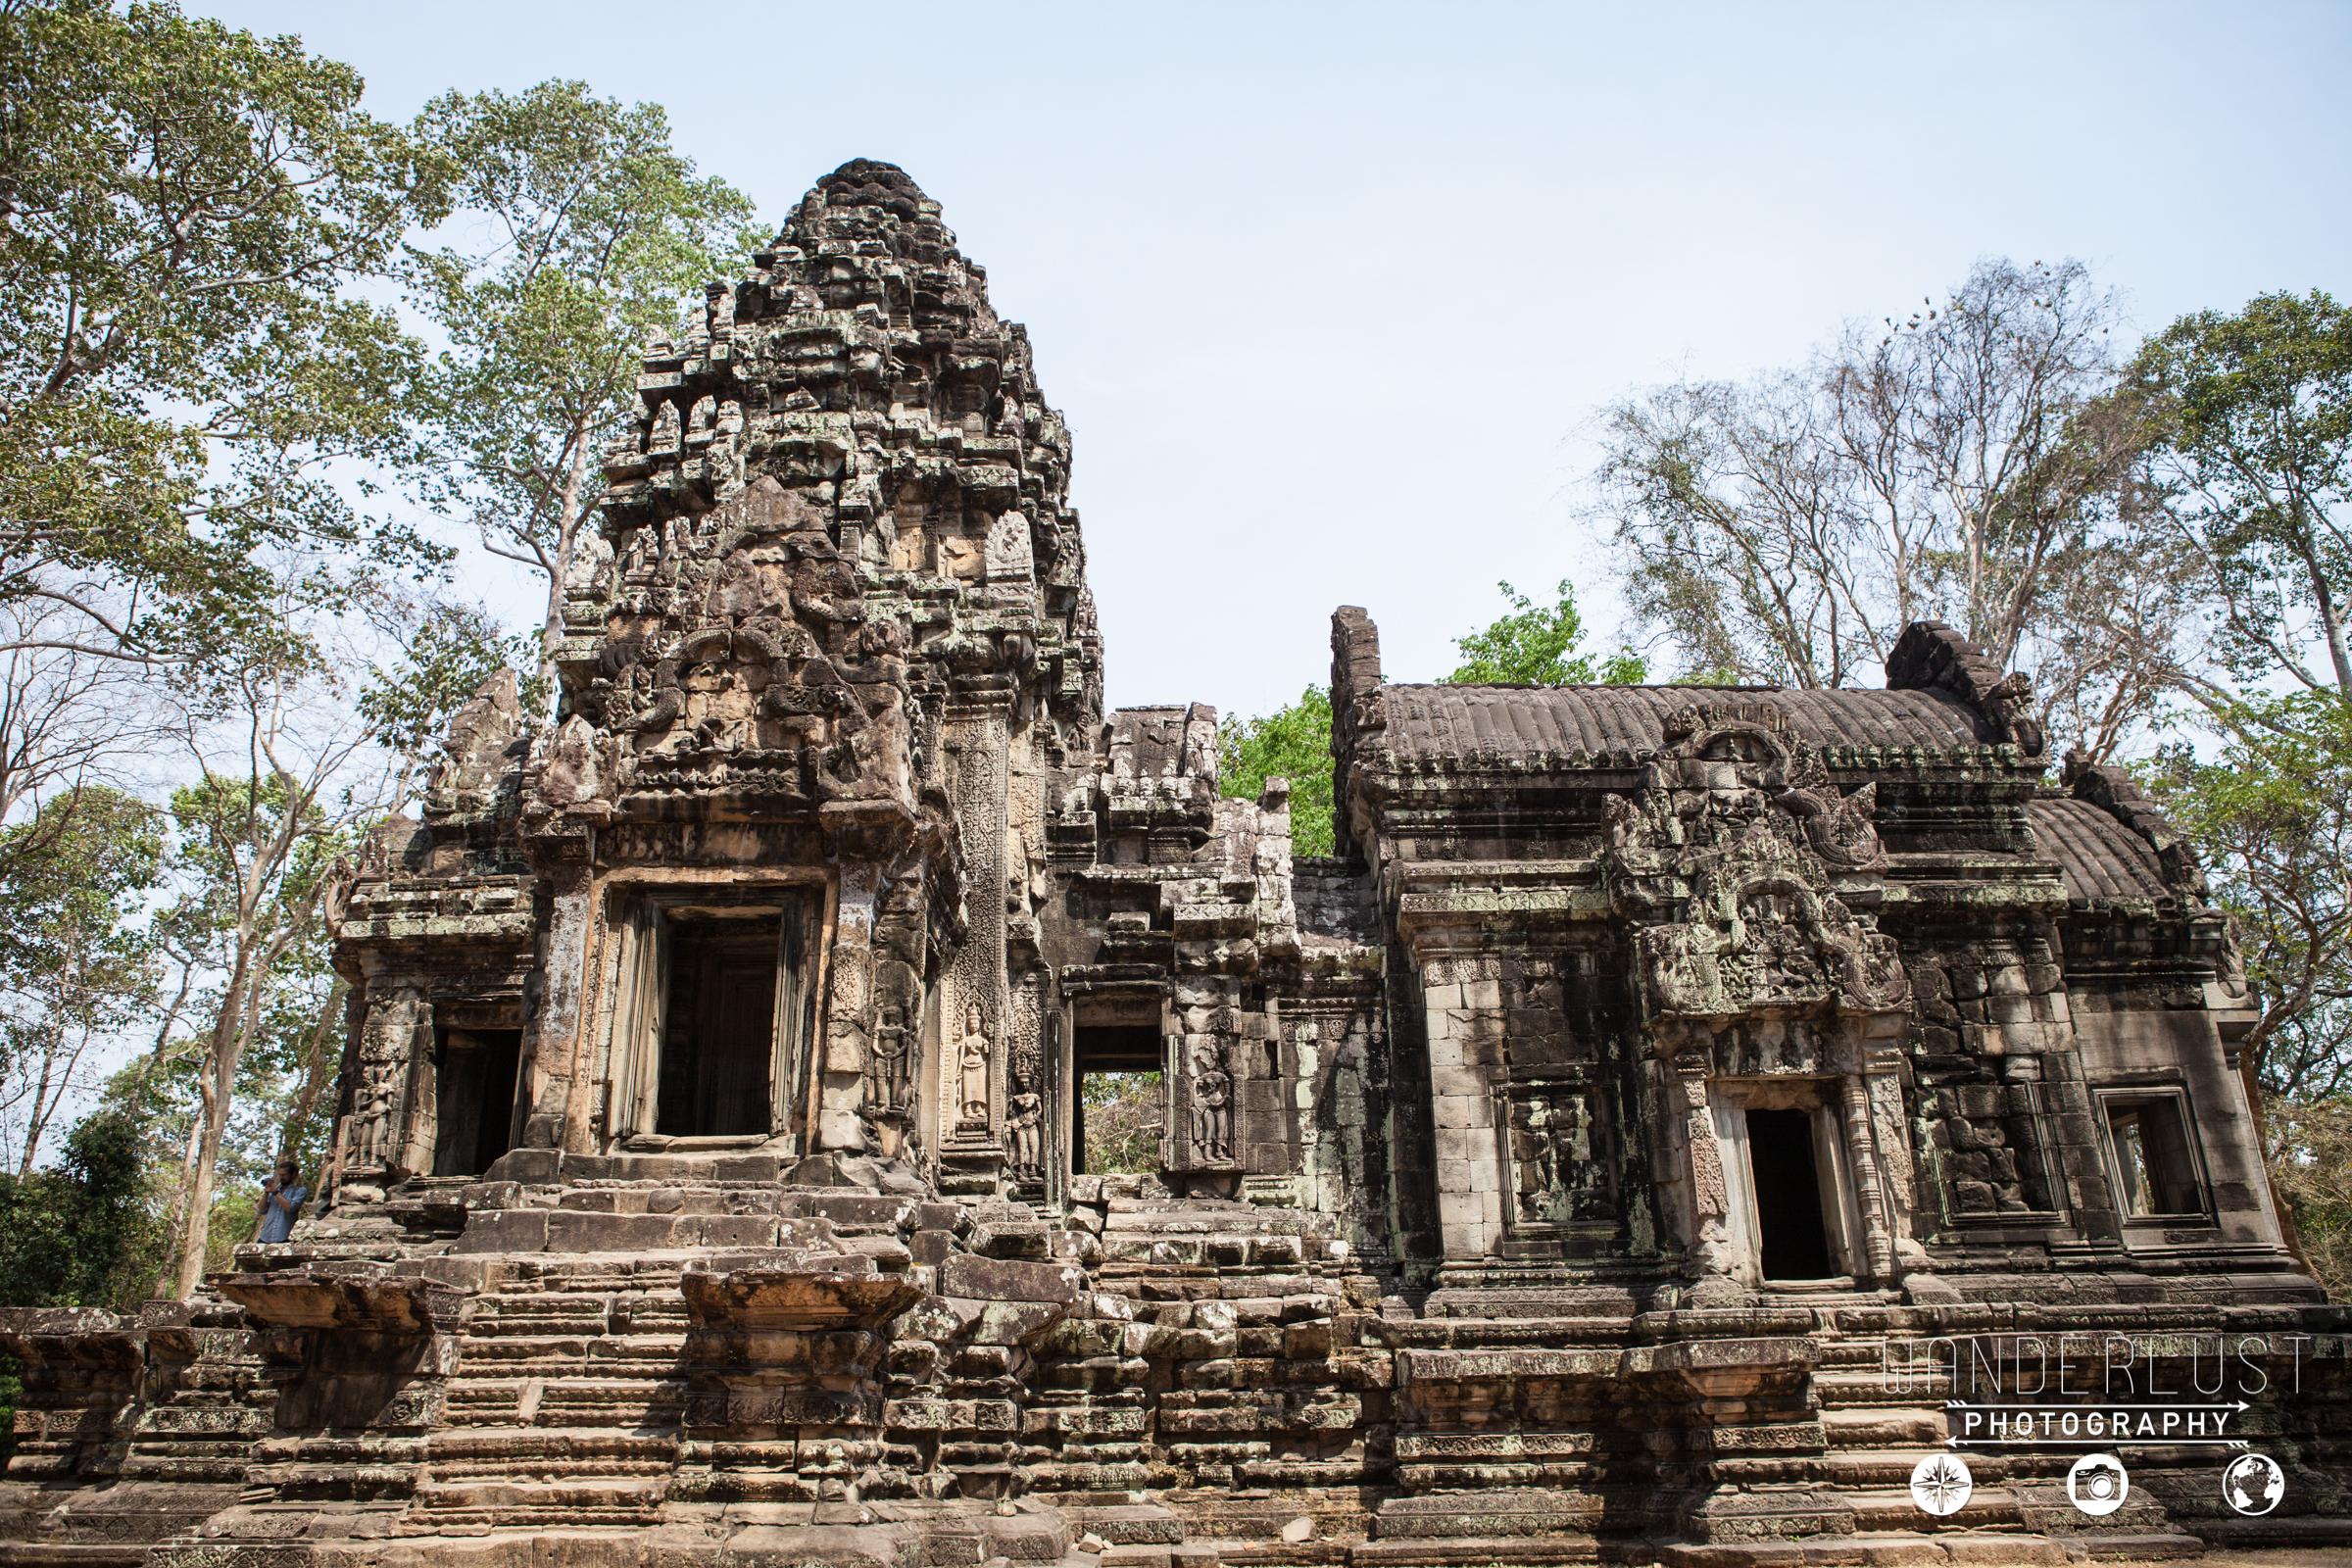 AngkorWat-2517.jpg